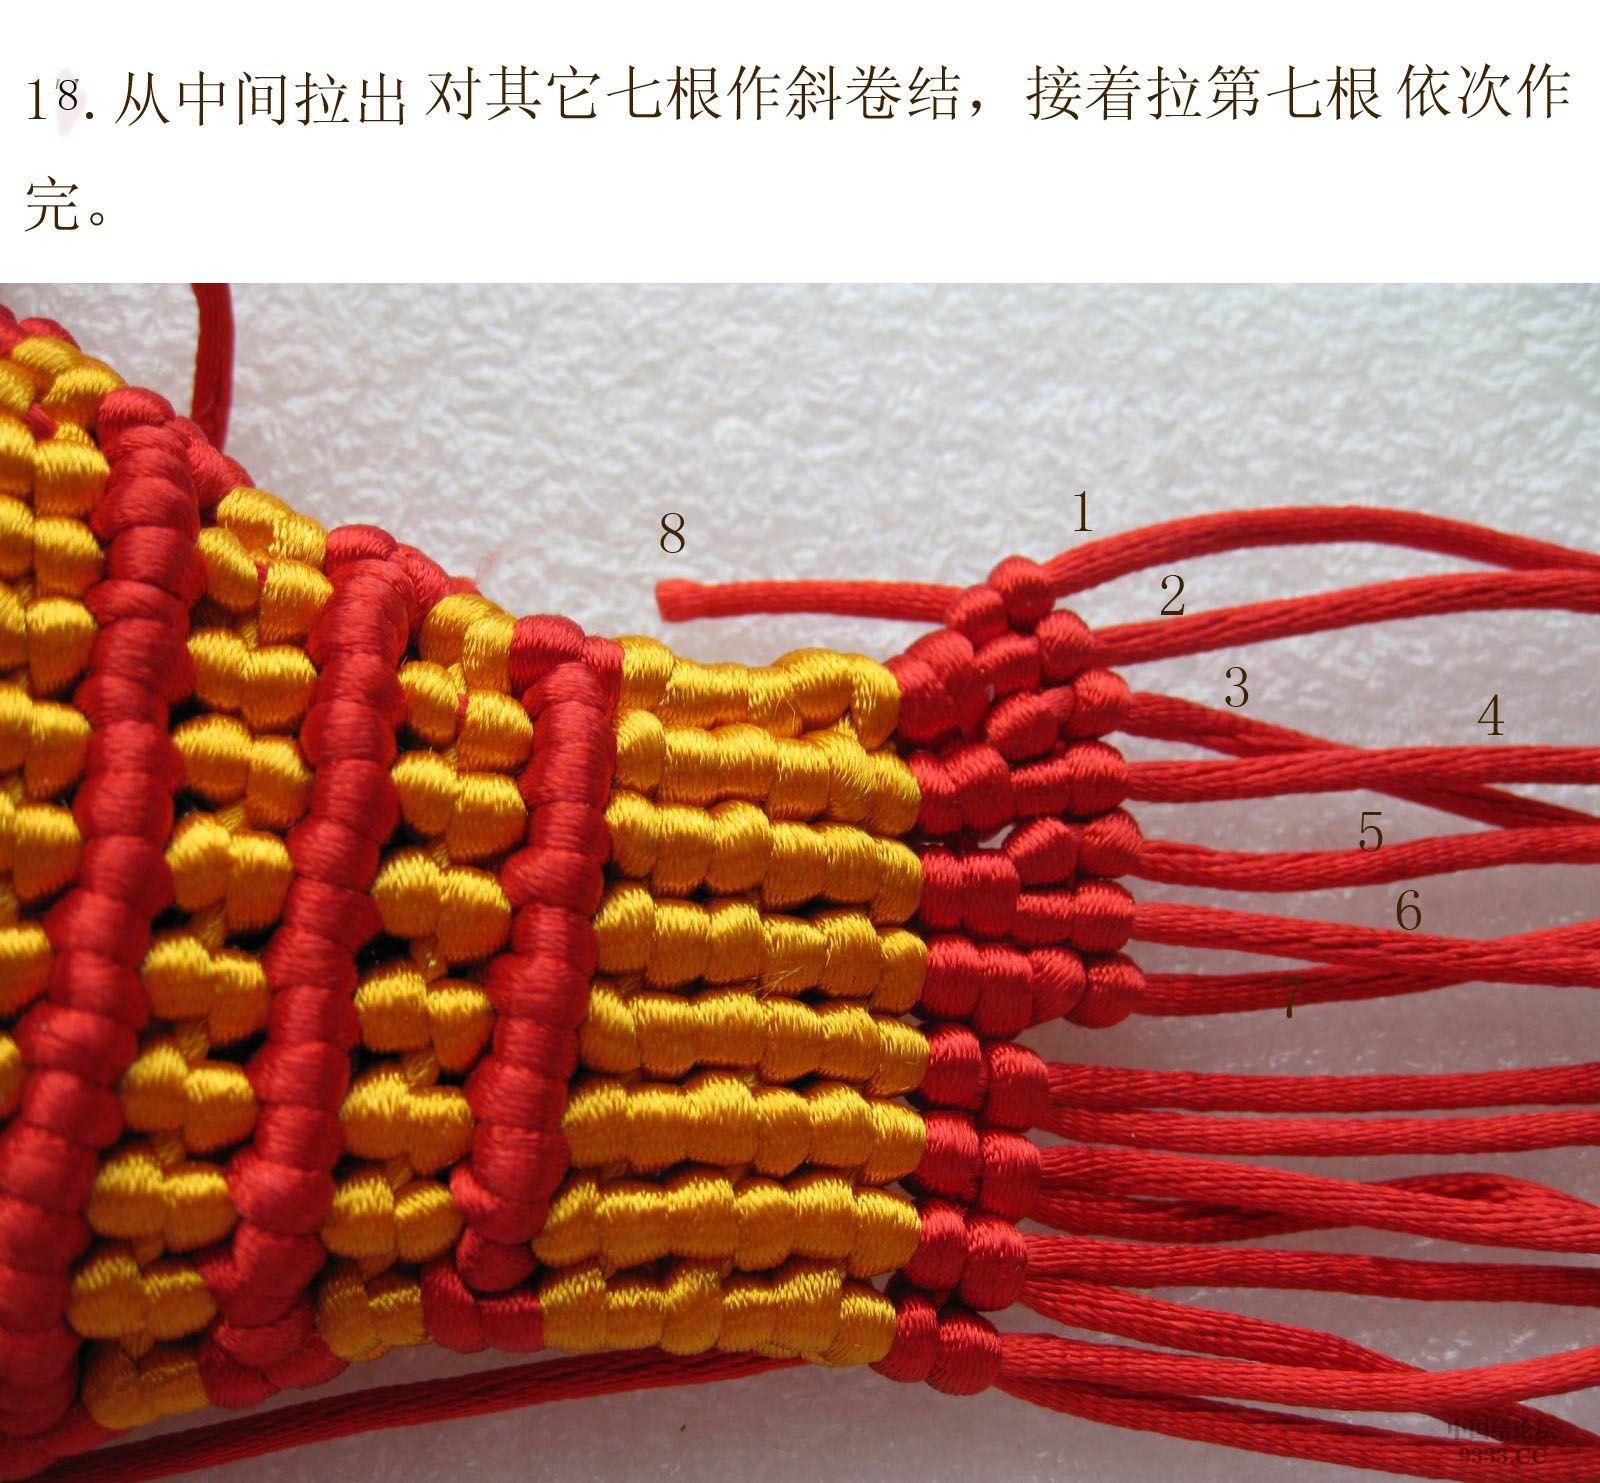 中国结论坛 我发一个鲤鱼教程  立体绳结教程与交流区 0909160715cc87027dd78ba76e